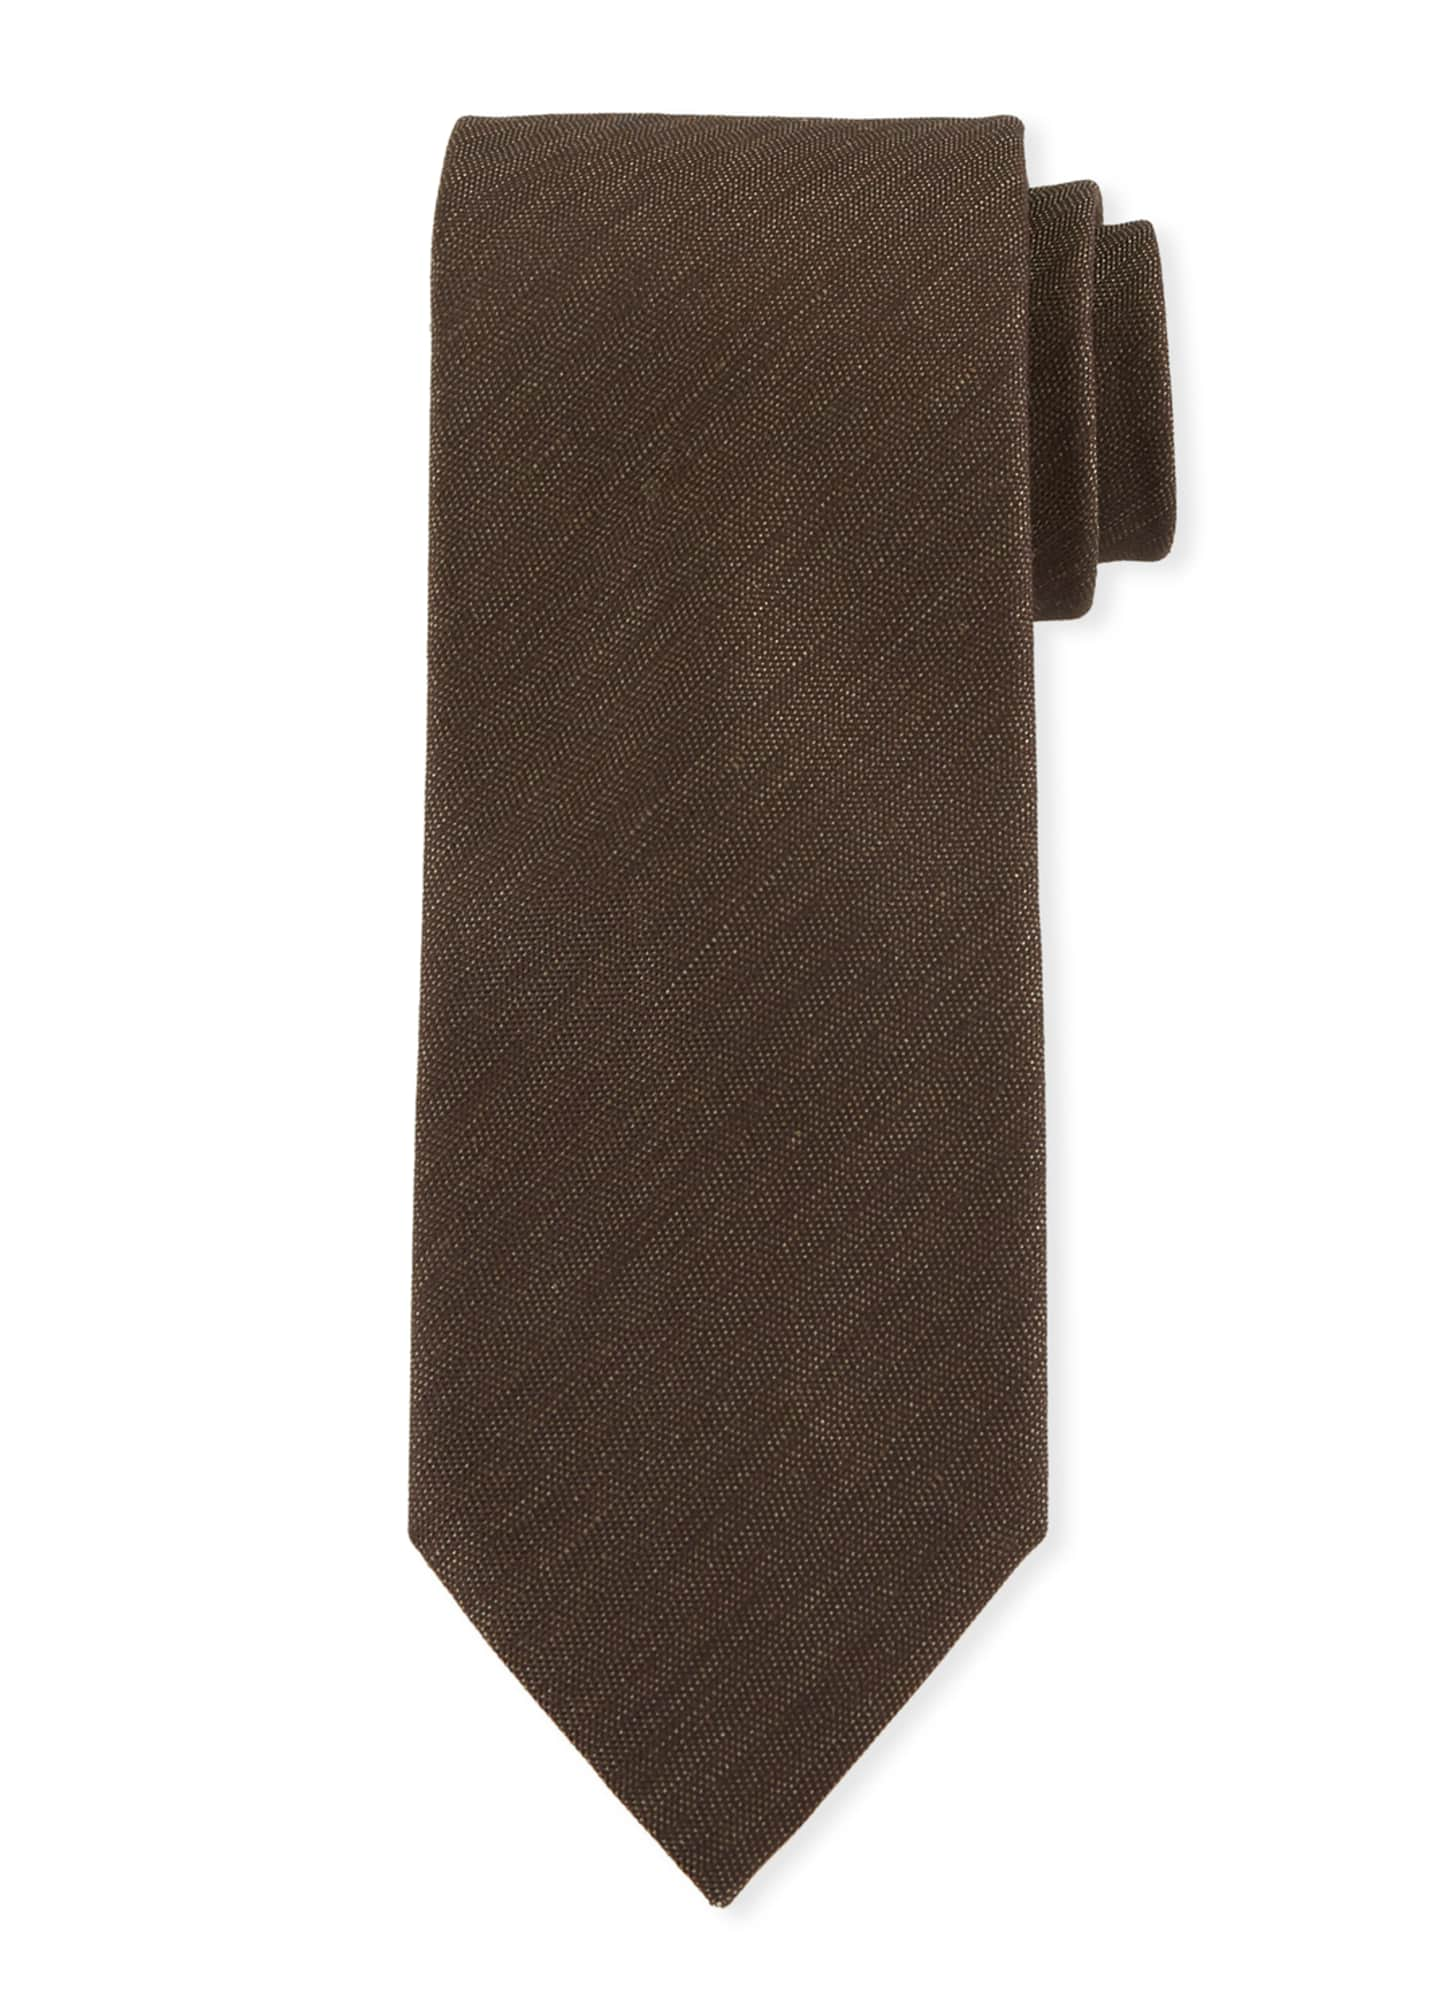 Ermenegildo Zegna Two-Tone Chevron Silk Tie